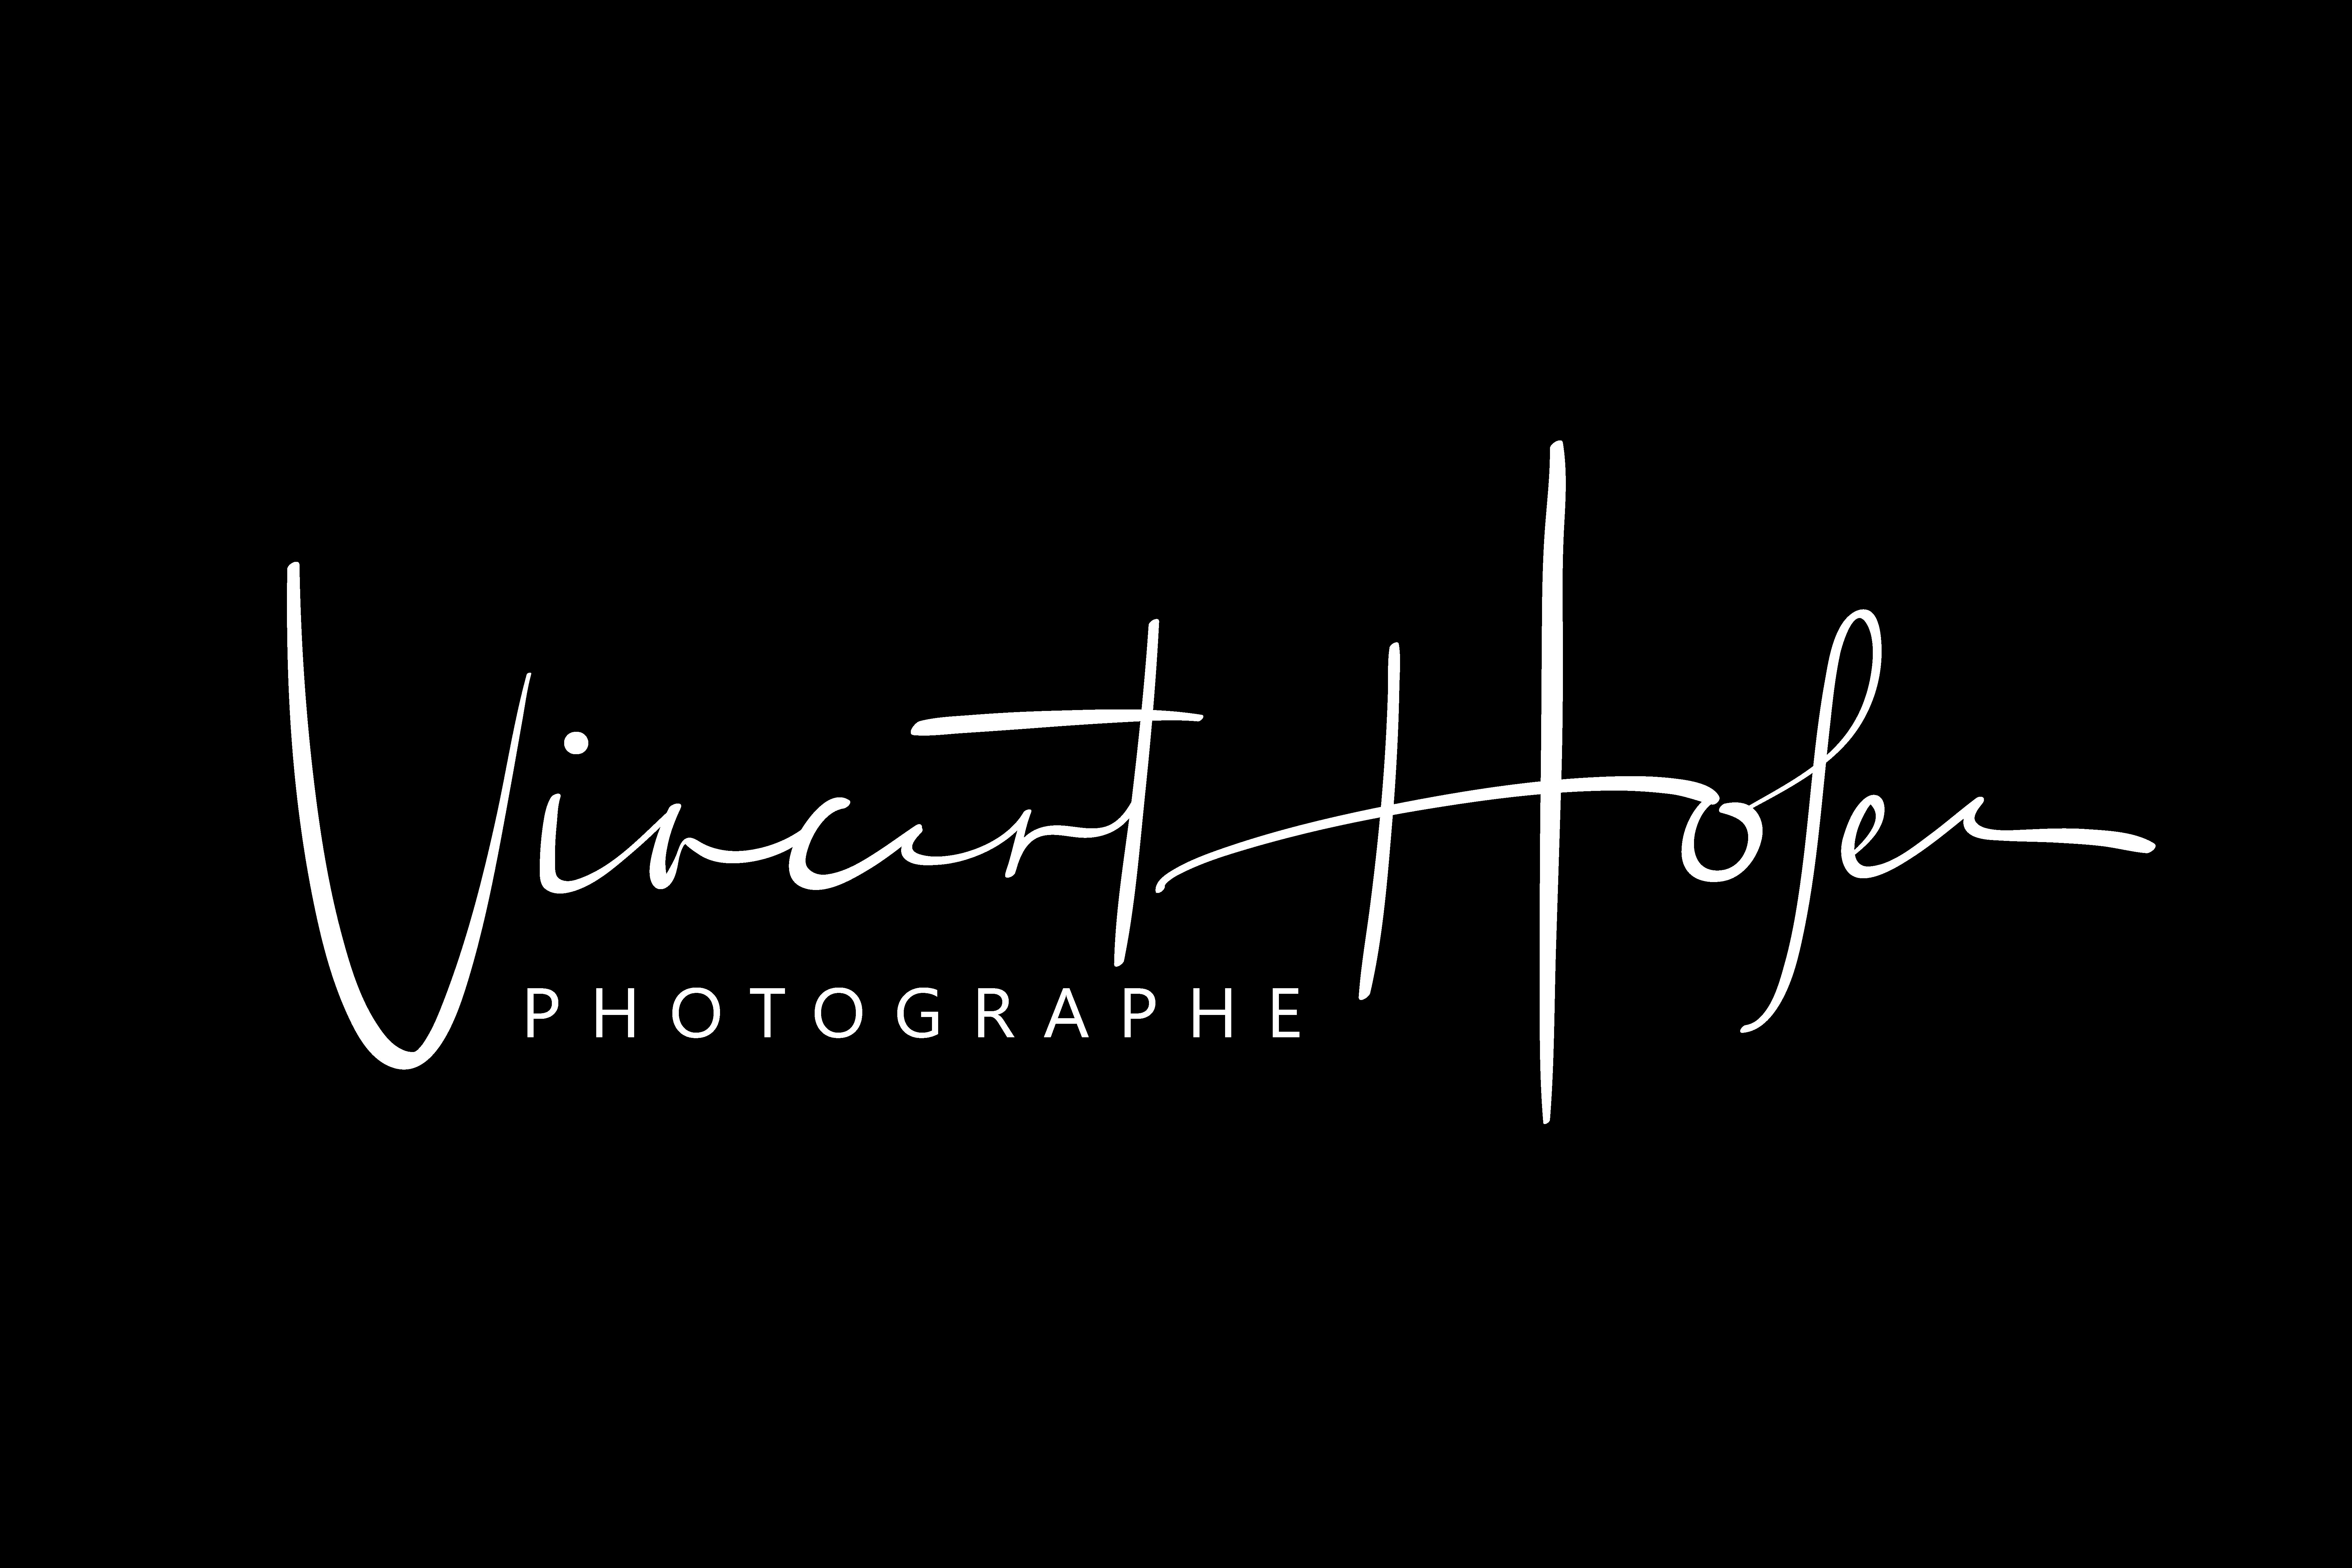 Vincent Hofer